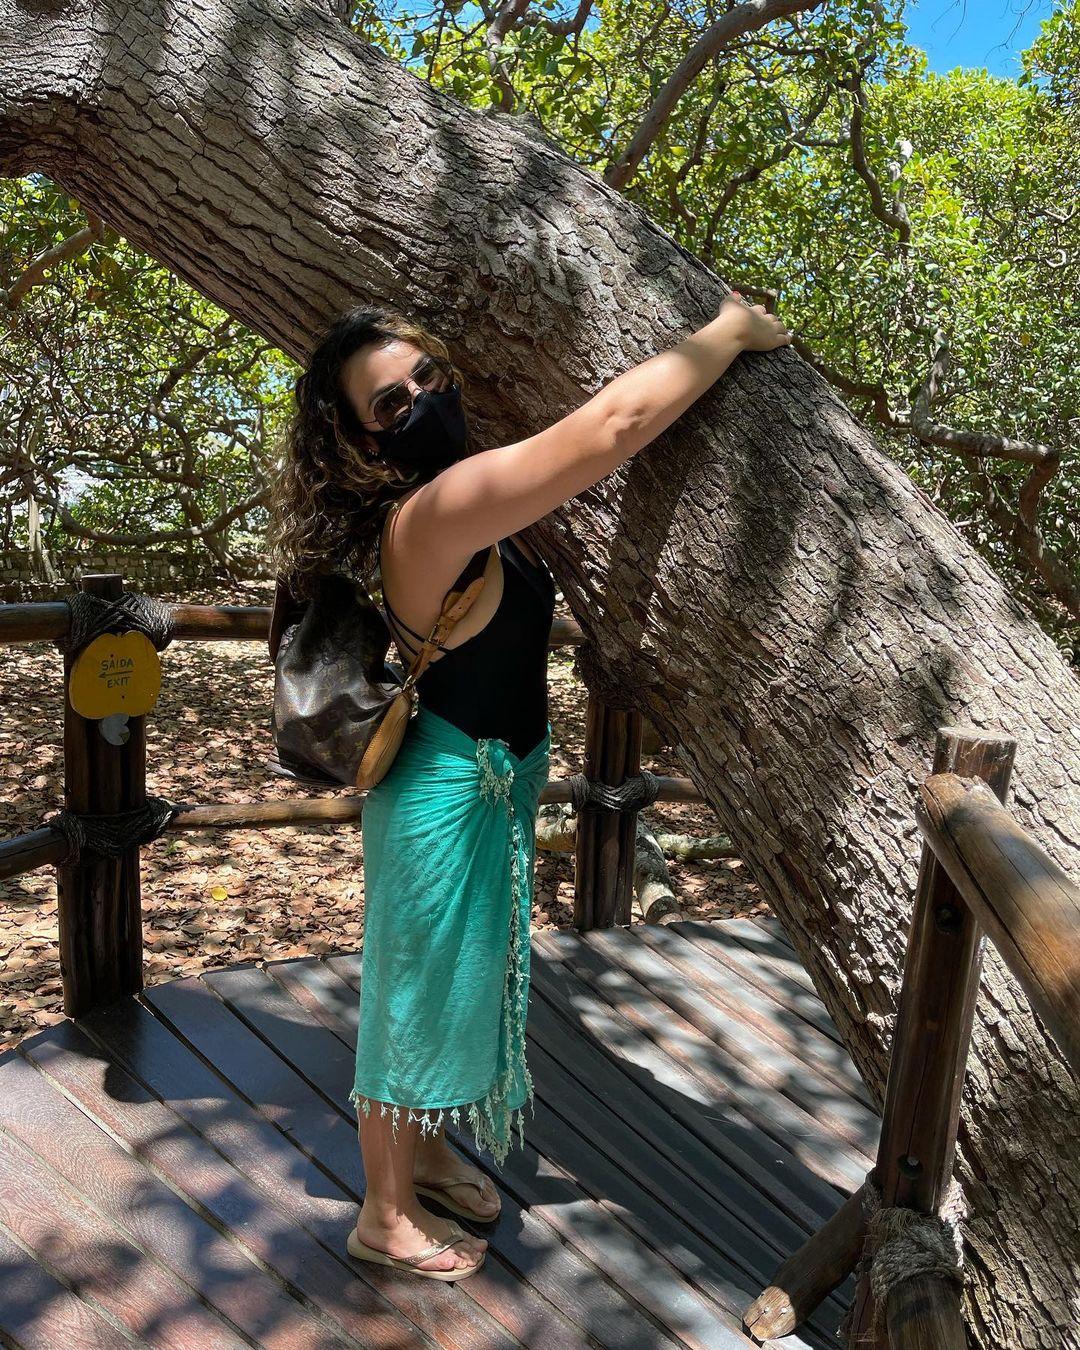 Hiện cây vẫn hút khách tham quan dù giữa mùa dịch. Nhiều du khách đeo khẩu trang check-in với cây điều nổi tiếng này. Ảnh: Paulaserafini.